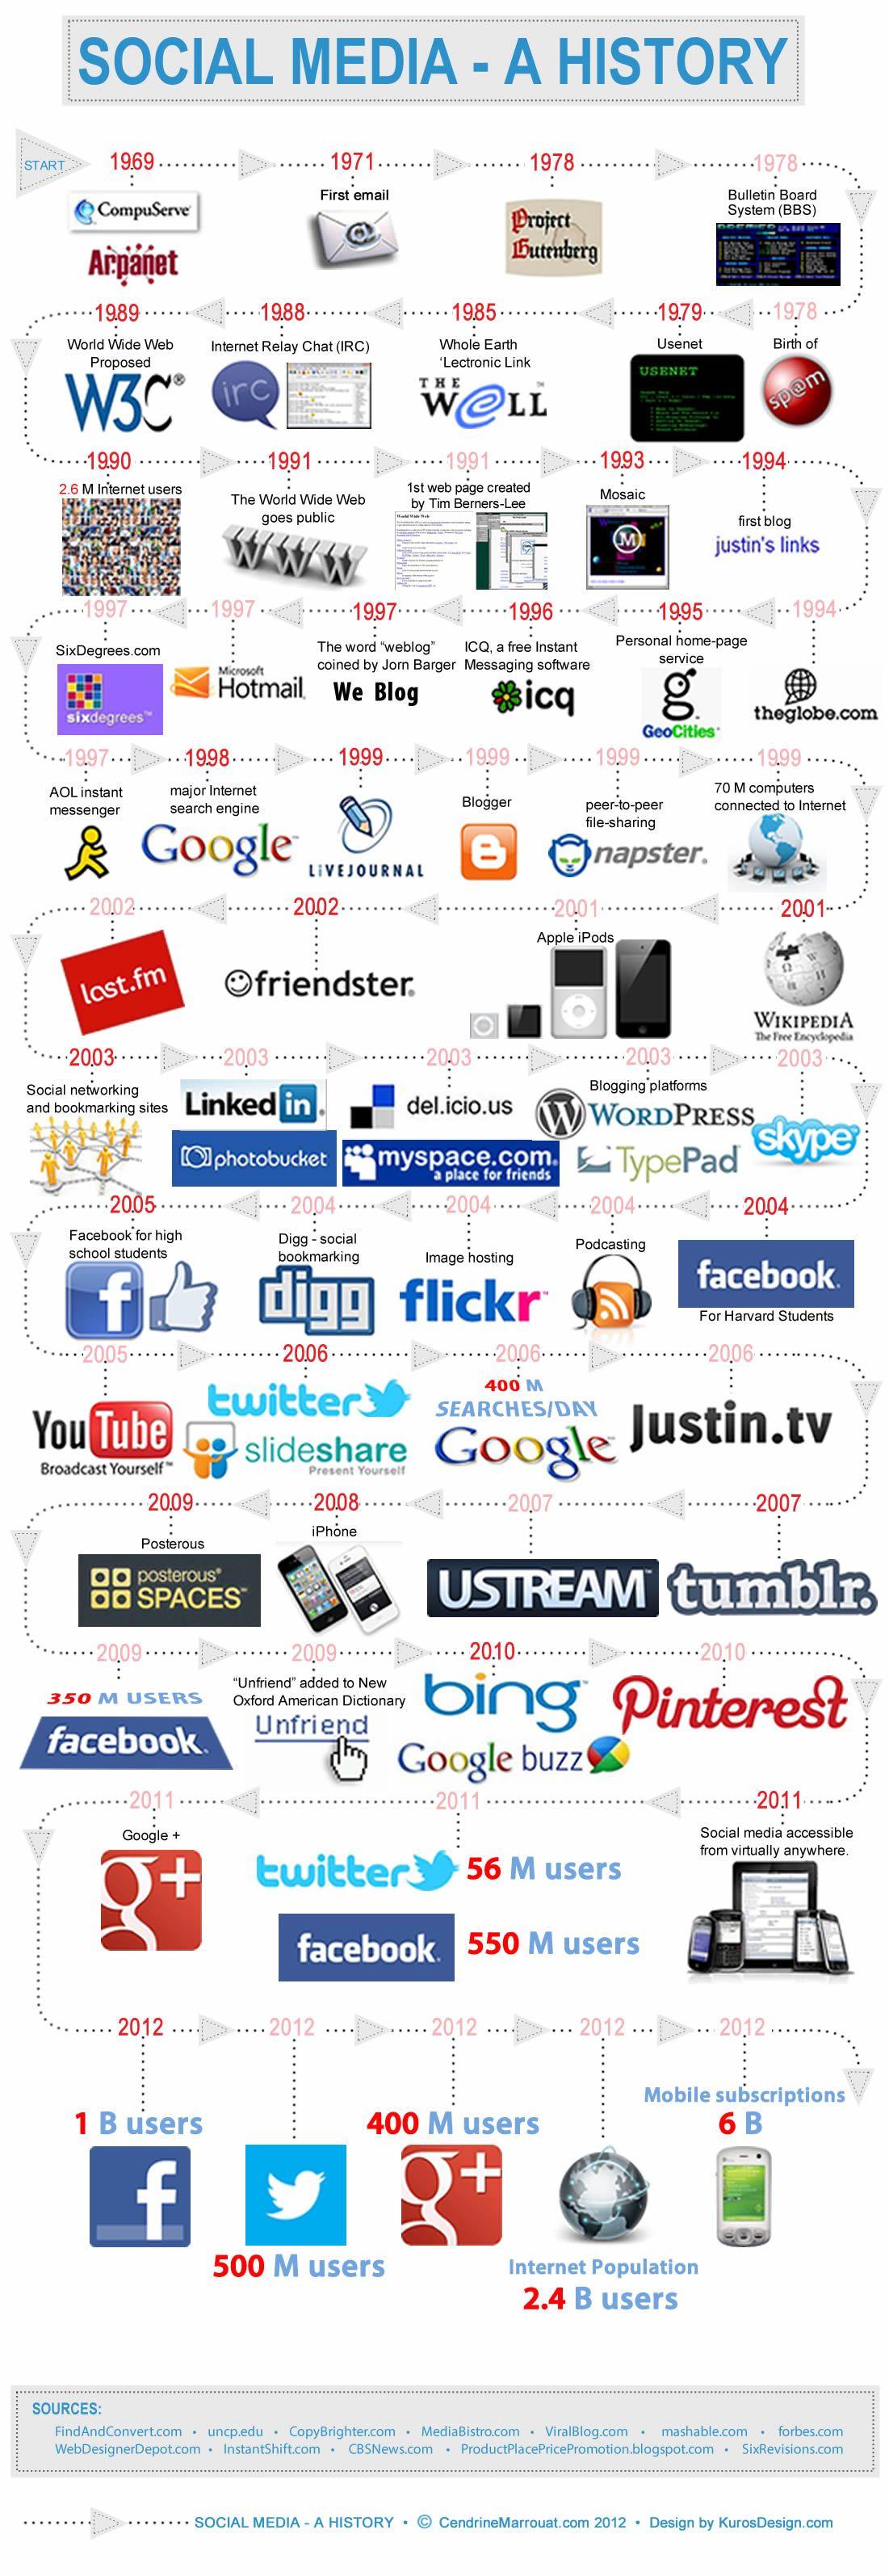 geschiedenis van social media